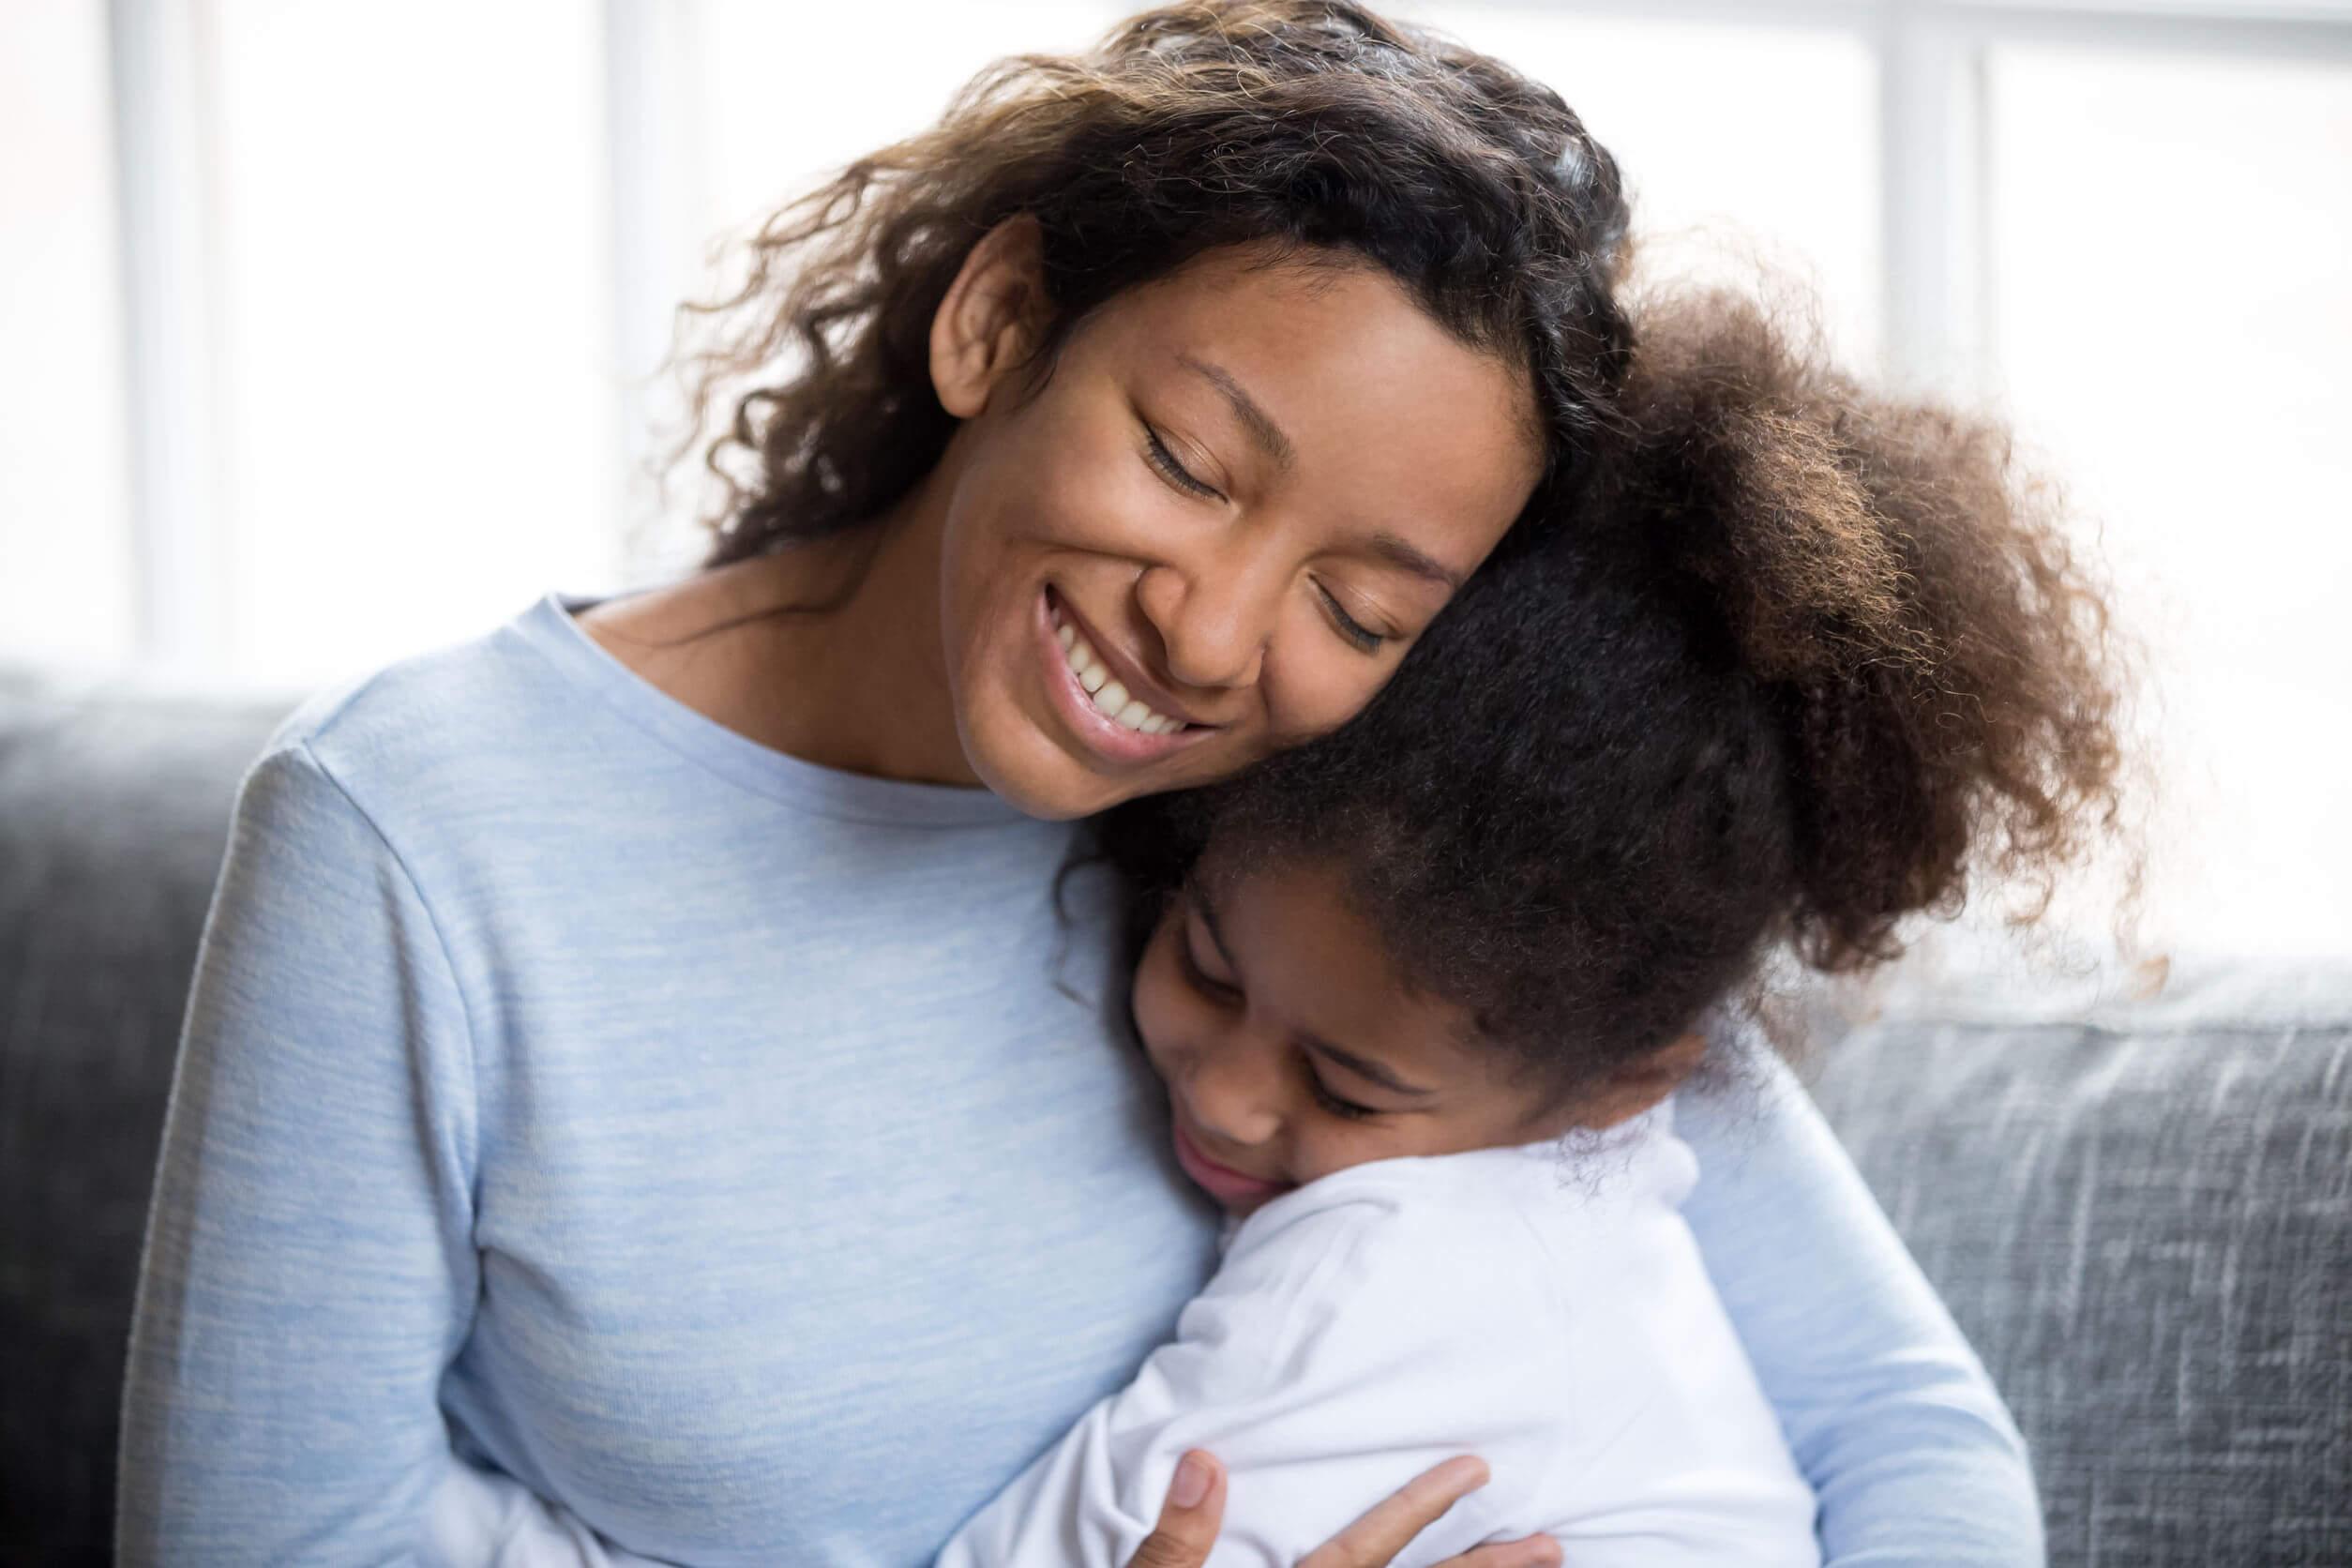 Madre abrazando a su hija mientras le enseña el valor de la amabilidad.